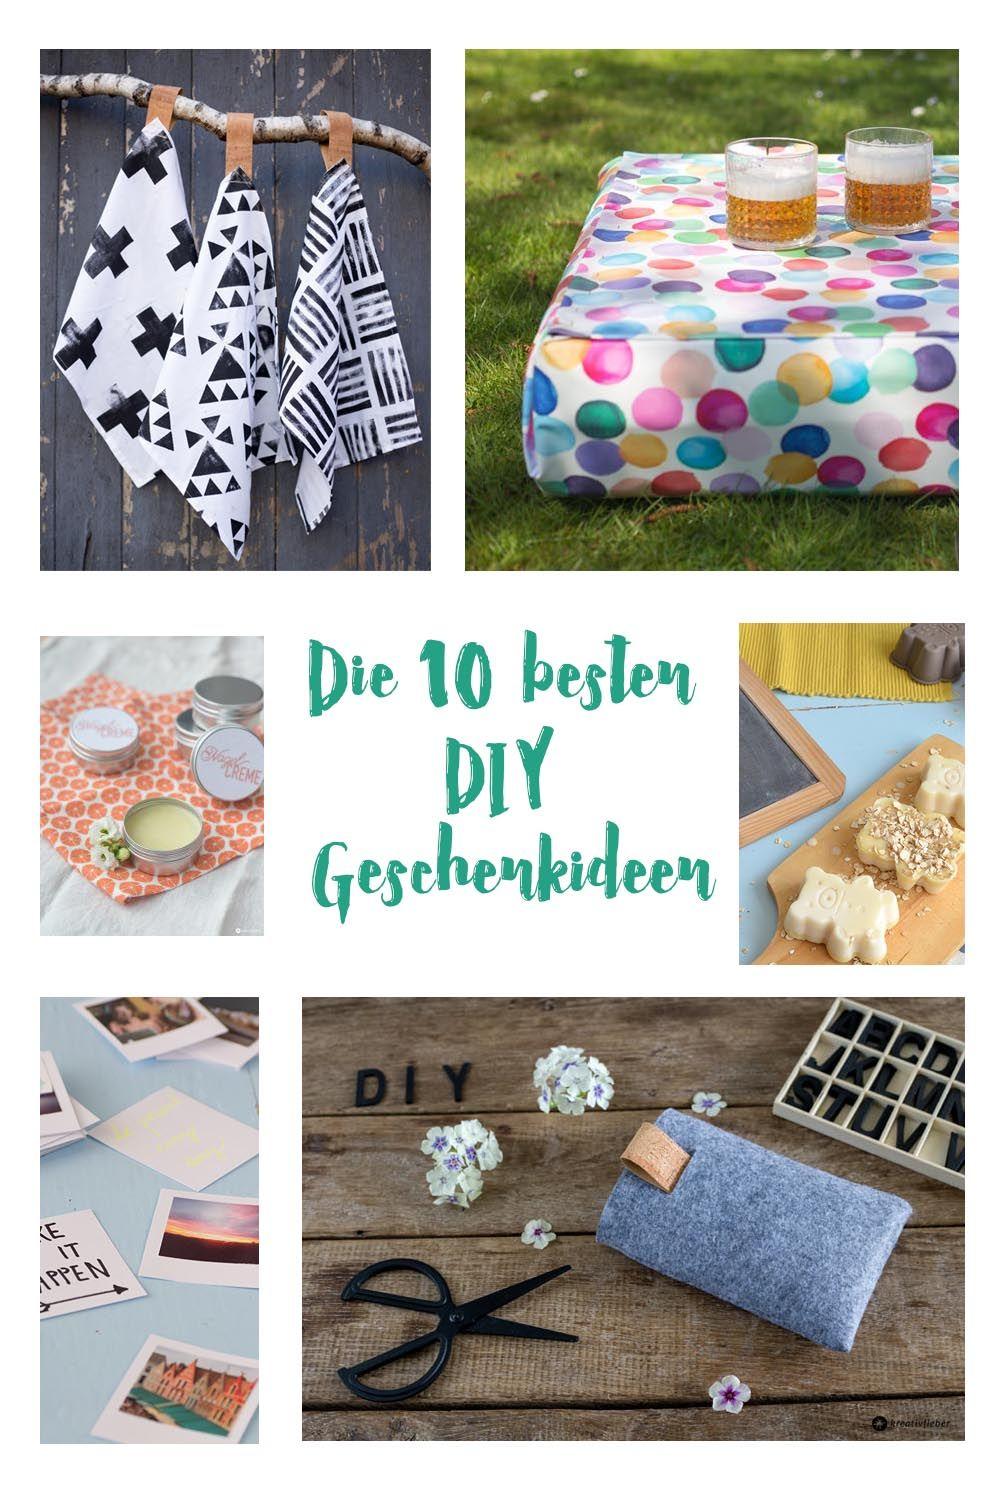 best of diy geschenke diy geschenkideen pinterest. Black Bedroom Furniture Sets. Home Design Ideas